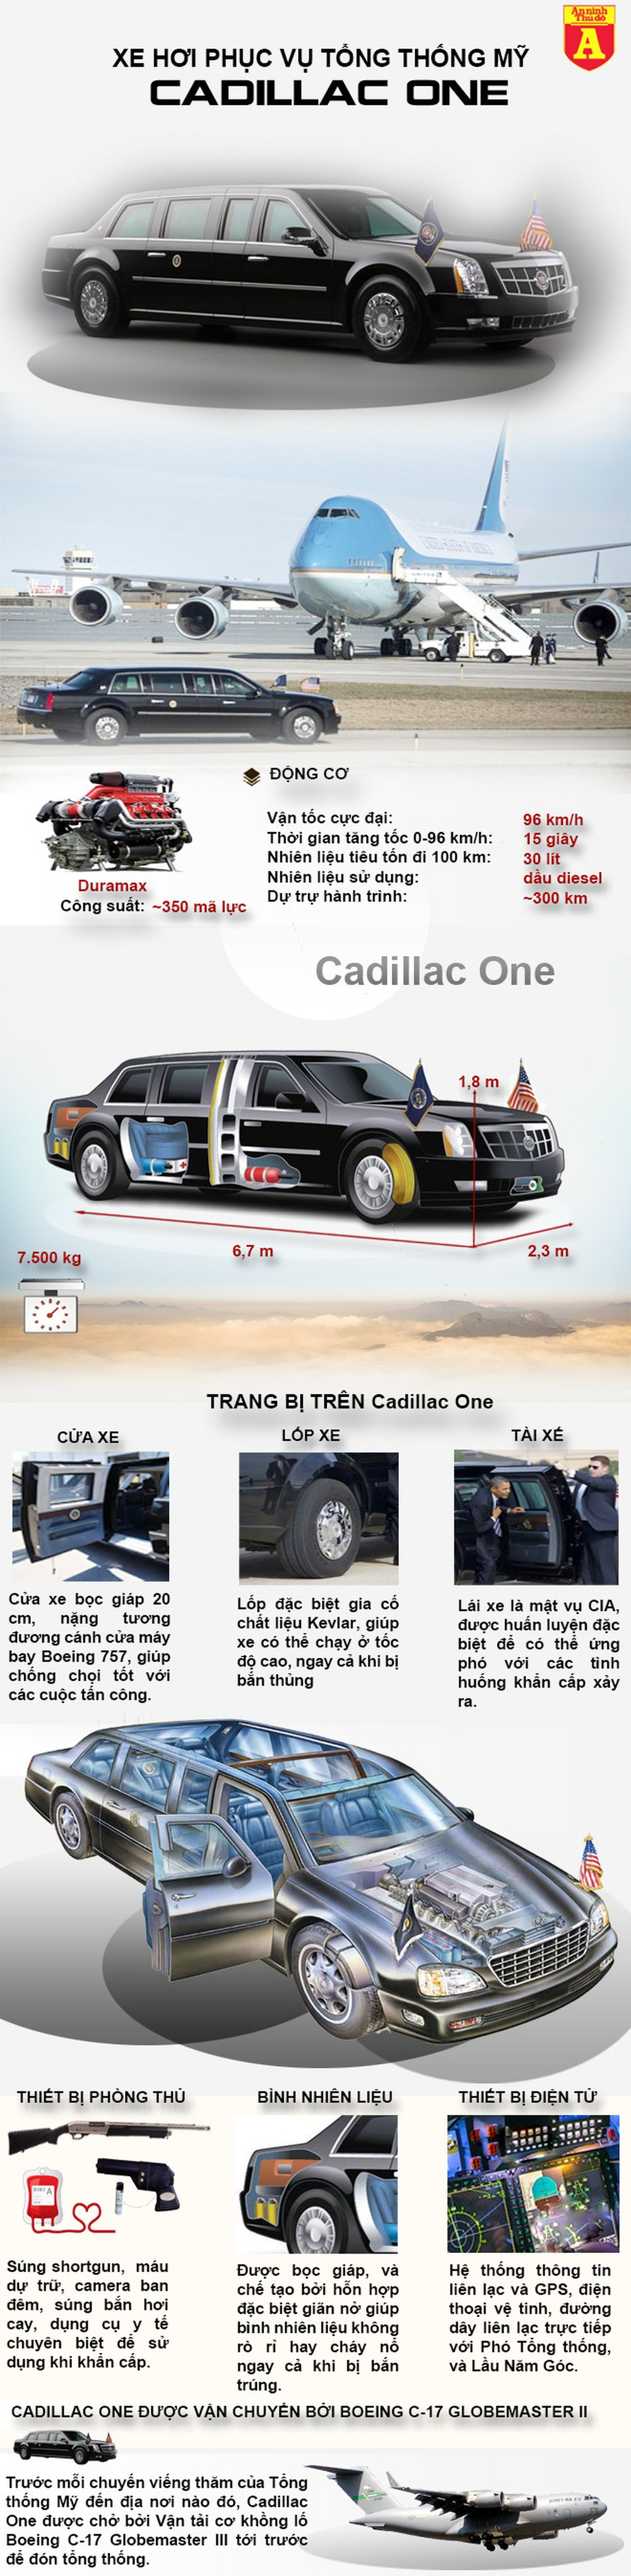 """[Infographic] Khám phá """"Xe tăng mặt đất"""" của tổng thống Mỹ vừa tới Đà Nẵng ảnh 2"""